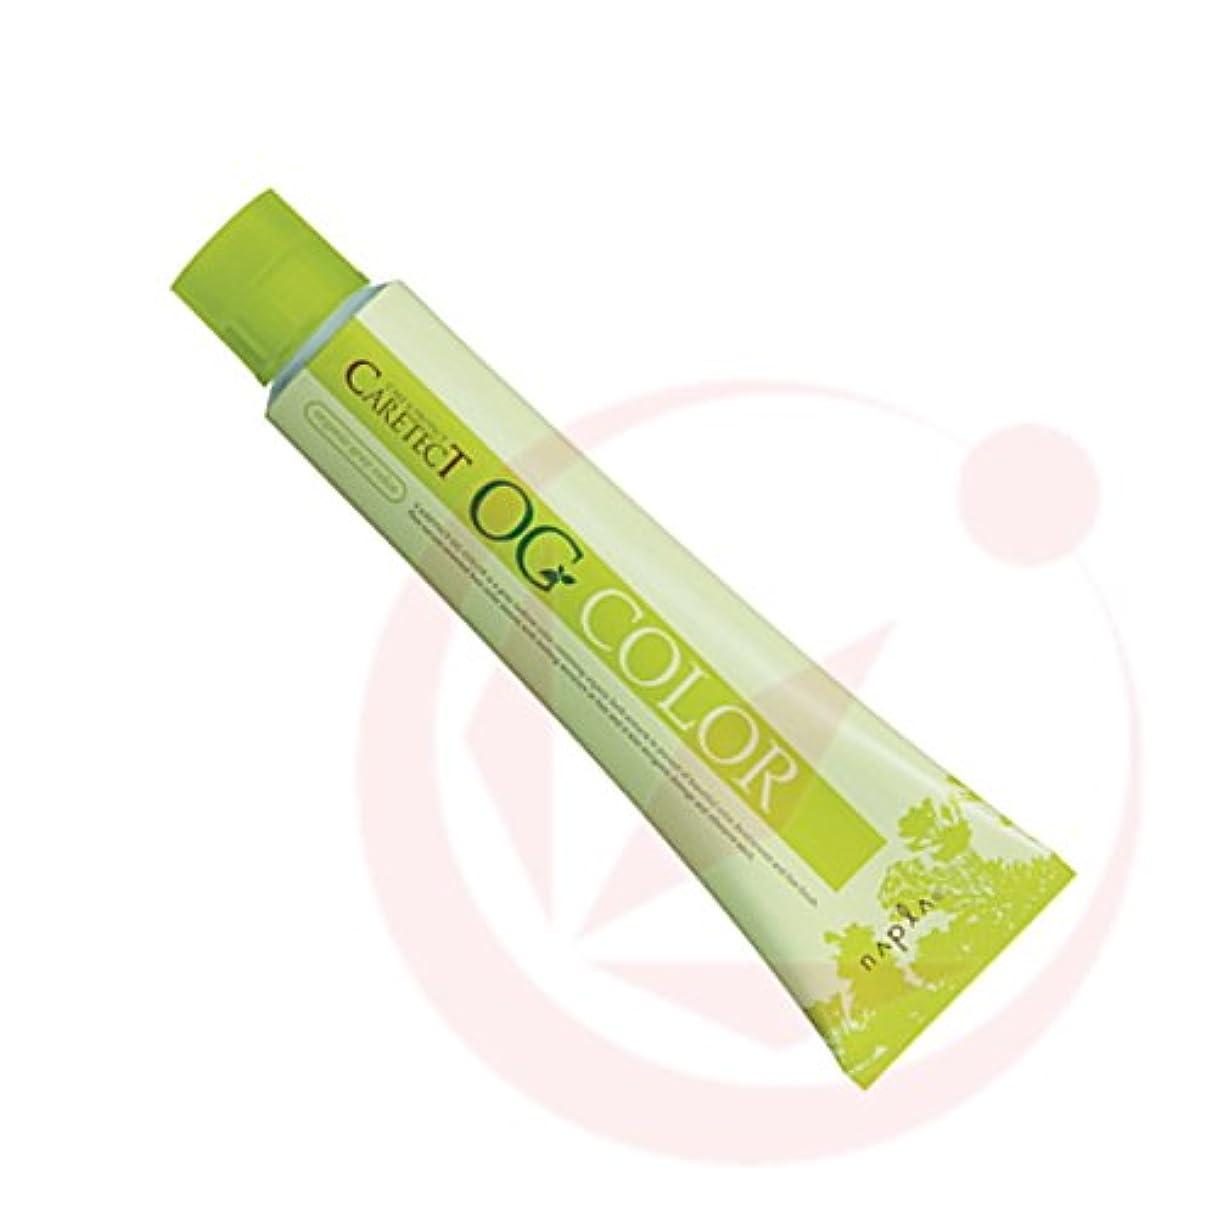 ソブリケット主要な辛いナプラ ケアテクトOG カラー ココア 80g(1剤) 【ココア】O-Co6